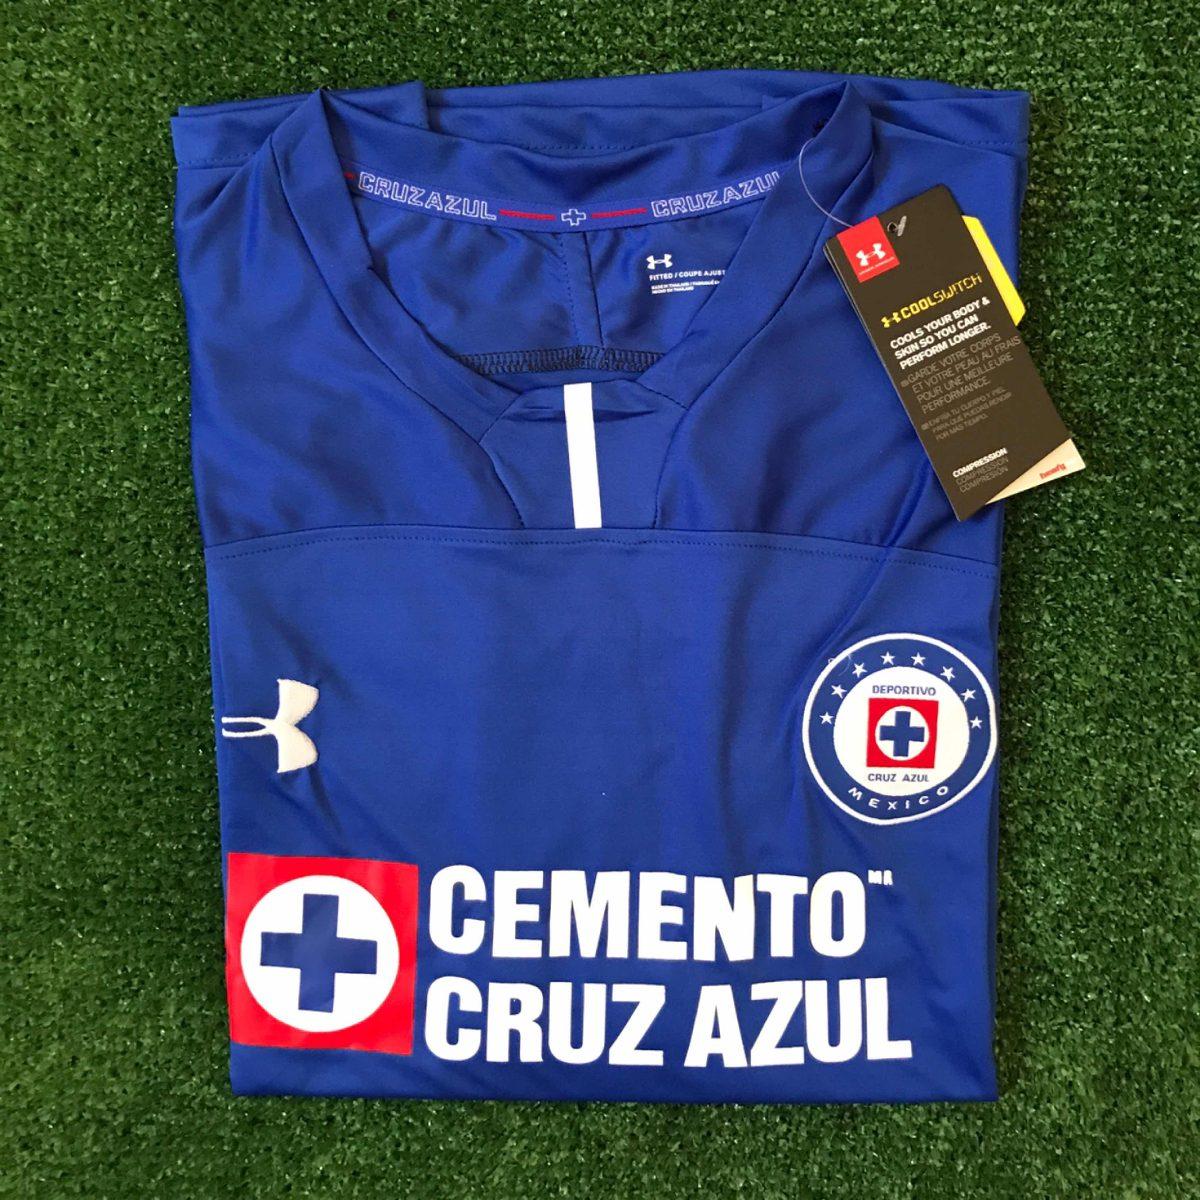 555102ded Jersey playera - Cruz Azul 18 19 (local) -   490.00 en Mercado Libre